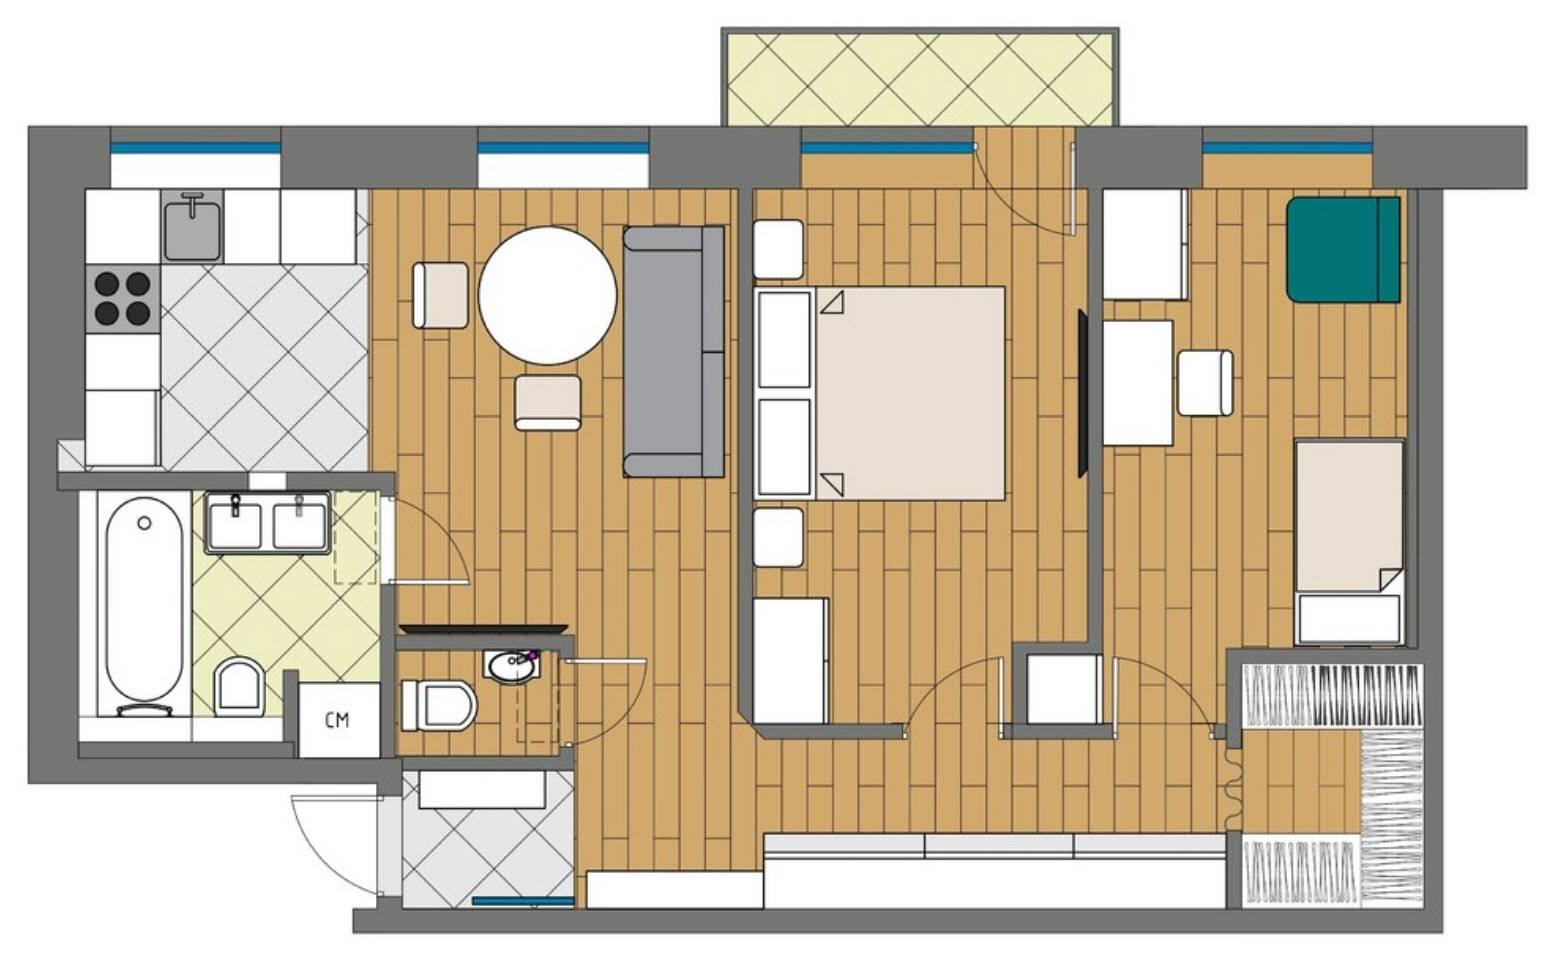 Cвободная планировка квартиры: что это, нужно ли согласовывать перегородки в новостройке, как распланировать участок и утвердить